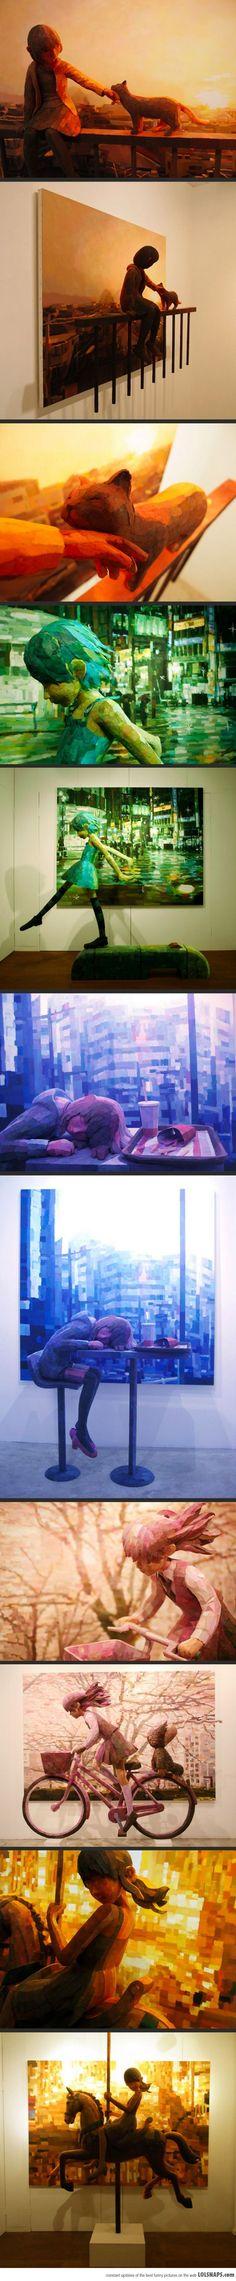 Combination of Sculpture and Canvas by Shintaro Ohata   al di là dei soggetti, notevole l'idea...